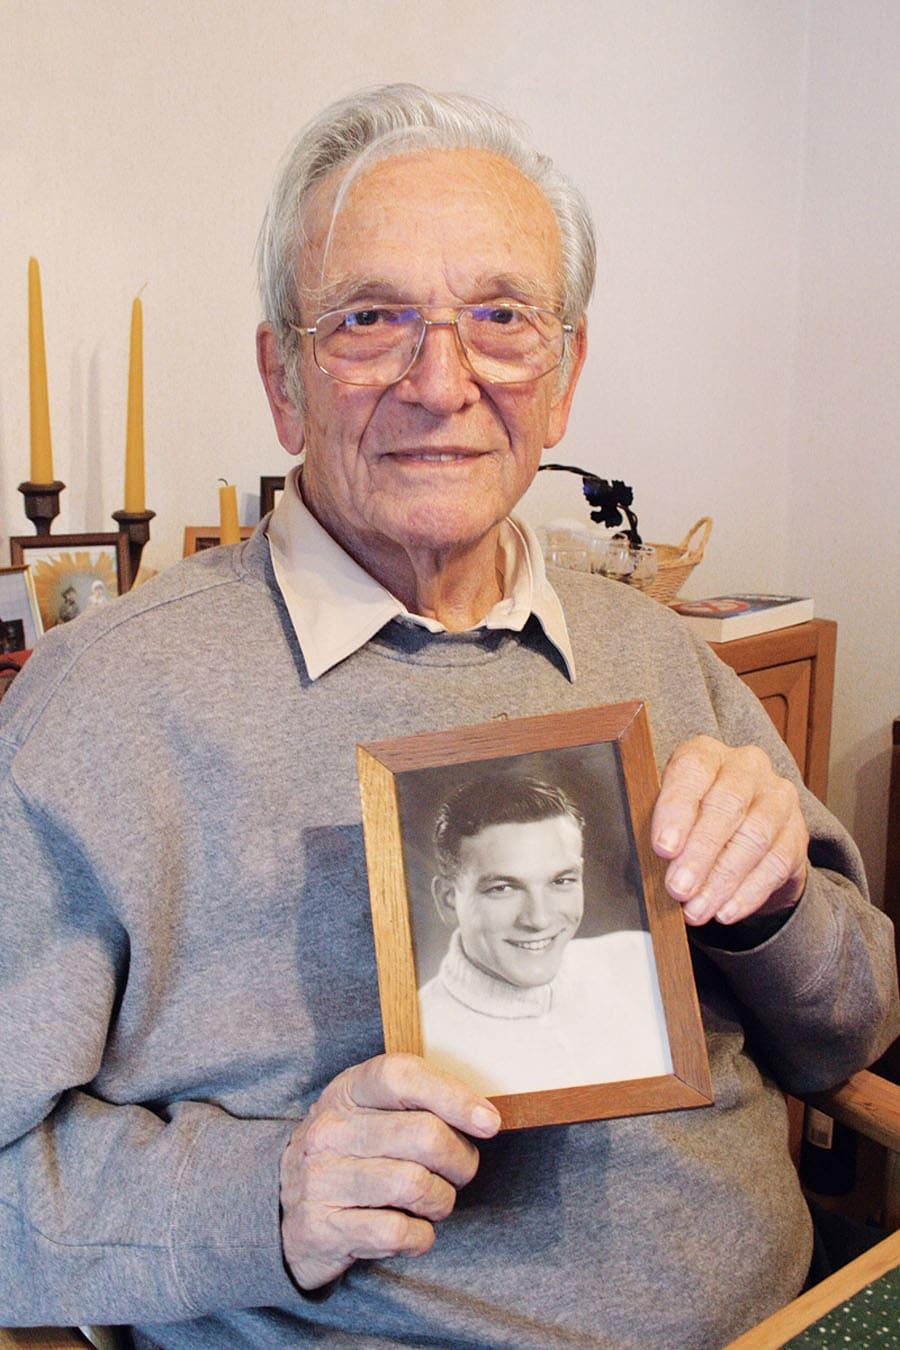 2011: Karl-Heinz Kiefer im Alter von 86 Jahren. In den Händen hält er sein Portrait von 1943. Fast 70 Jahre danach erinnerte er sich in einem Interview. Foto: Volker Wiegmann